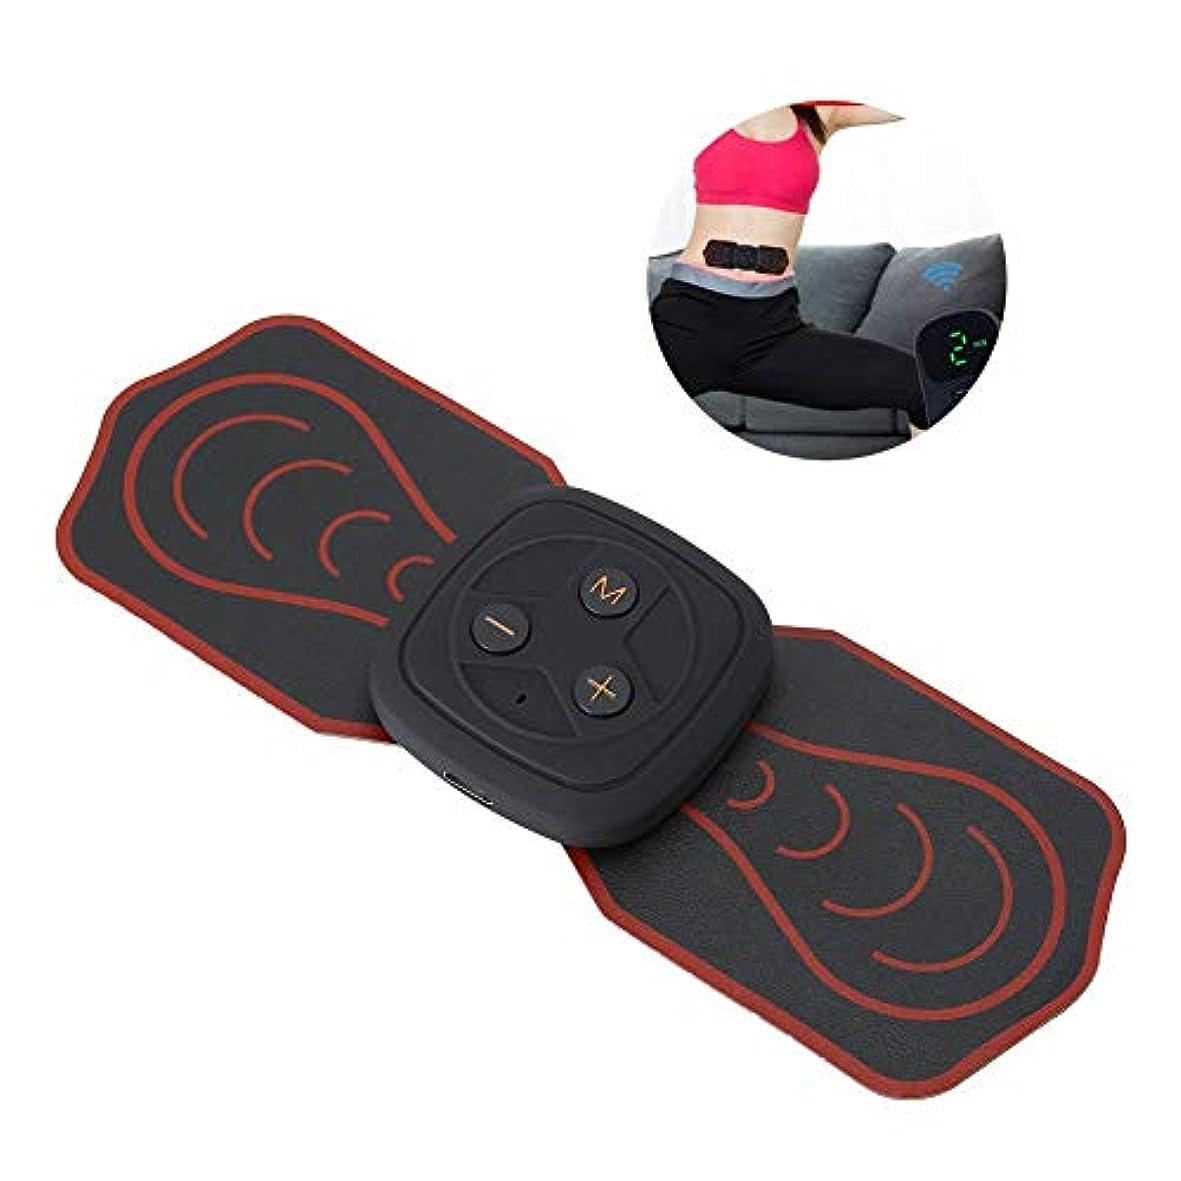 ねばねば関連付けるまっすぐにする首サポーターミニマッサージャー多機能パッド低周波デジタルマッサージ用背中足足筋肉